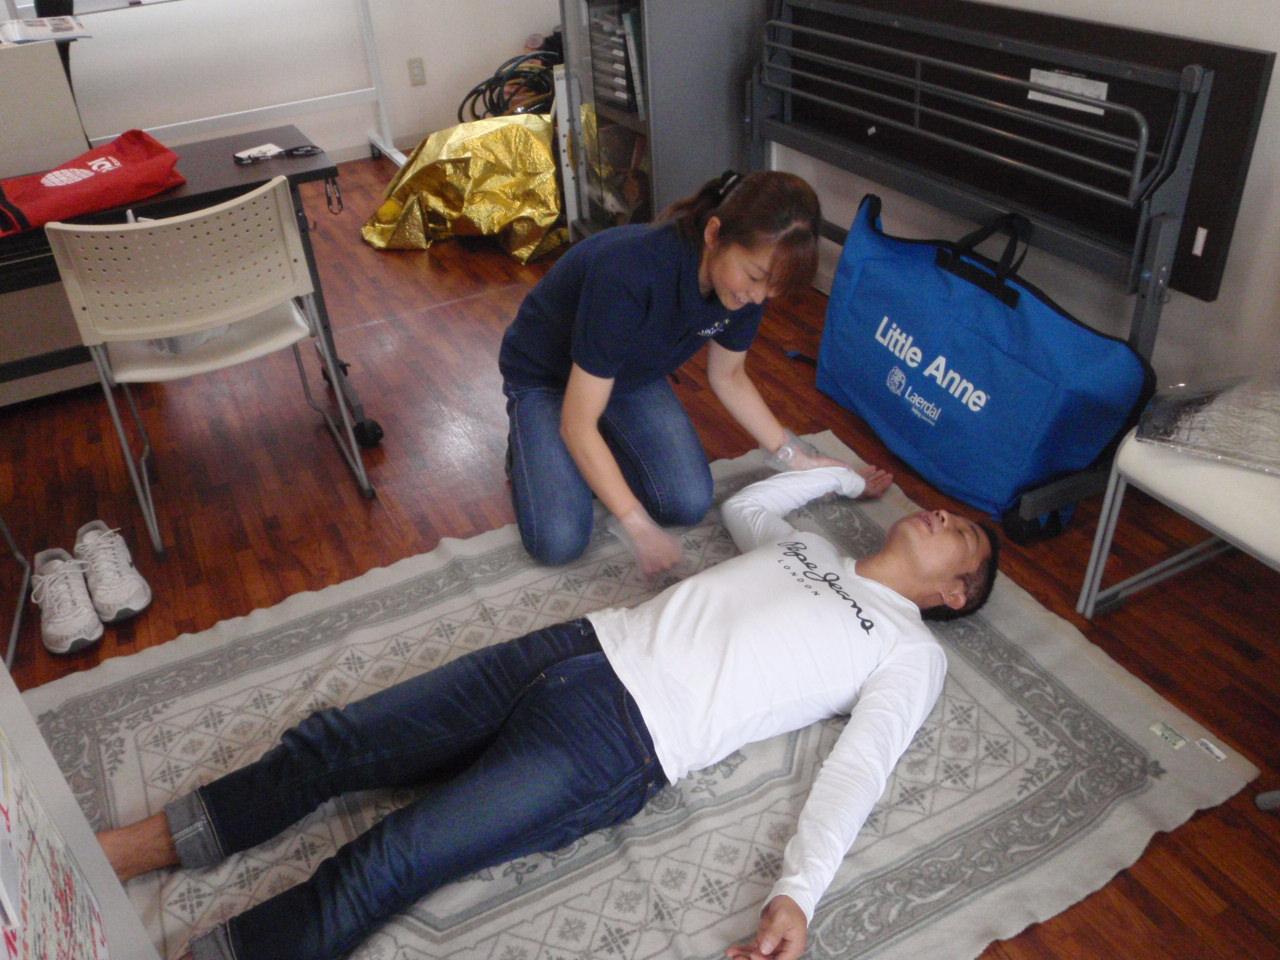 9月9日は救急の日、レスキューダイバーを目指してEFR(救急法救助員)の資格講座にご参加いただきました